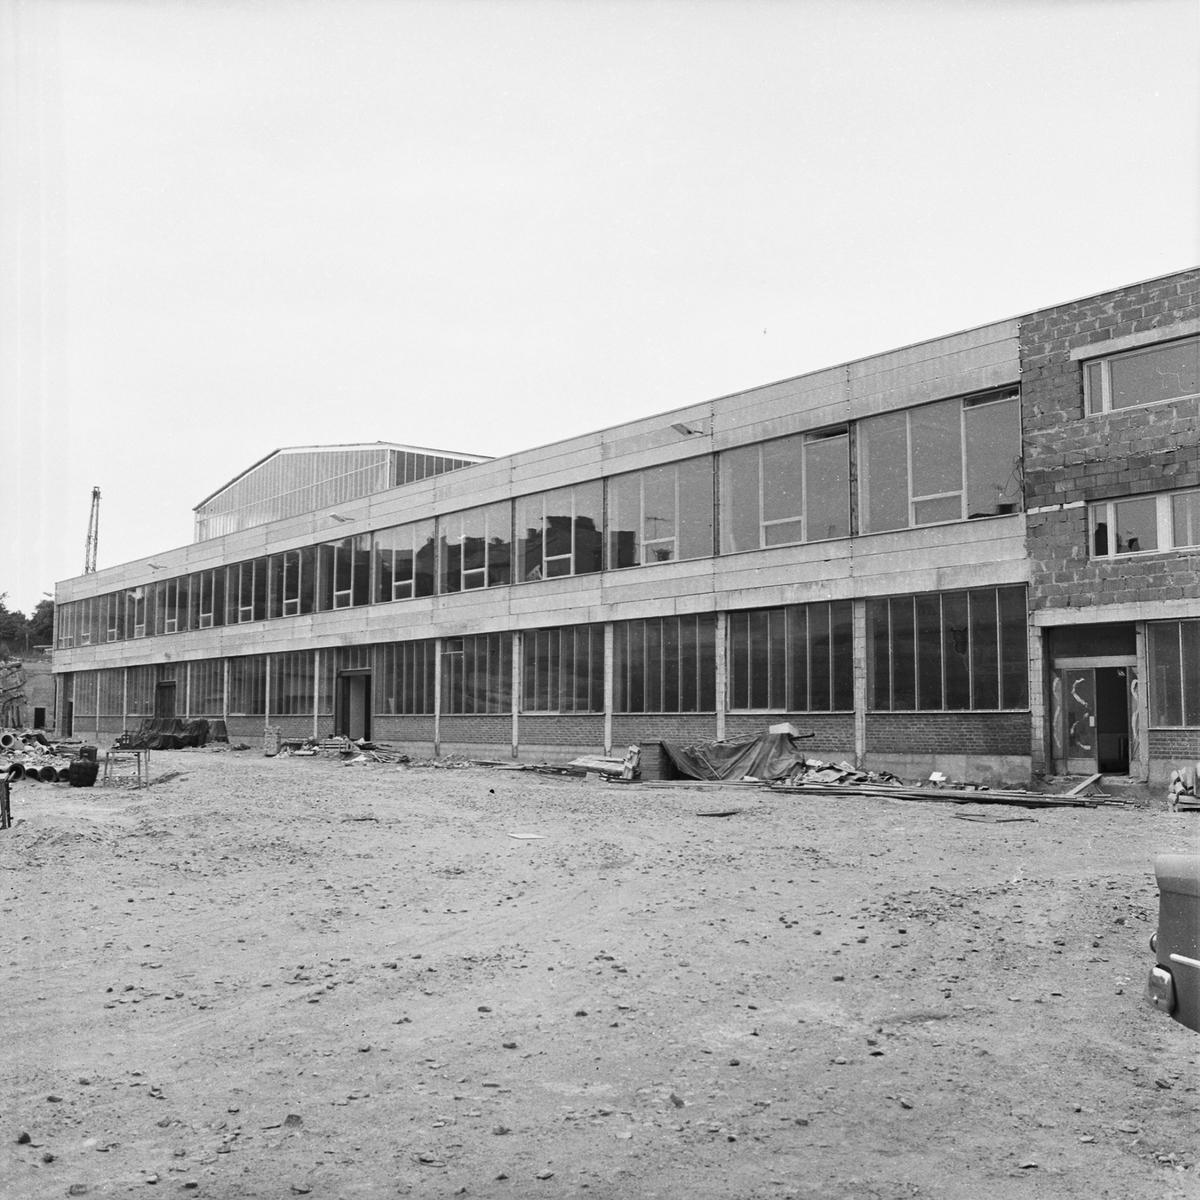 Övrigt: Fotodatum:9/7 1963. Nya plåtverkstan ext o int i samband med företagsnämndens möte. Byggnader och Kranar. Närmast identisk bild: V24262, ej skannad